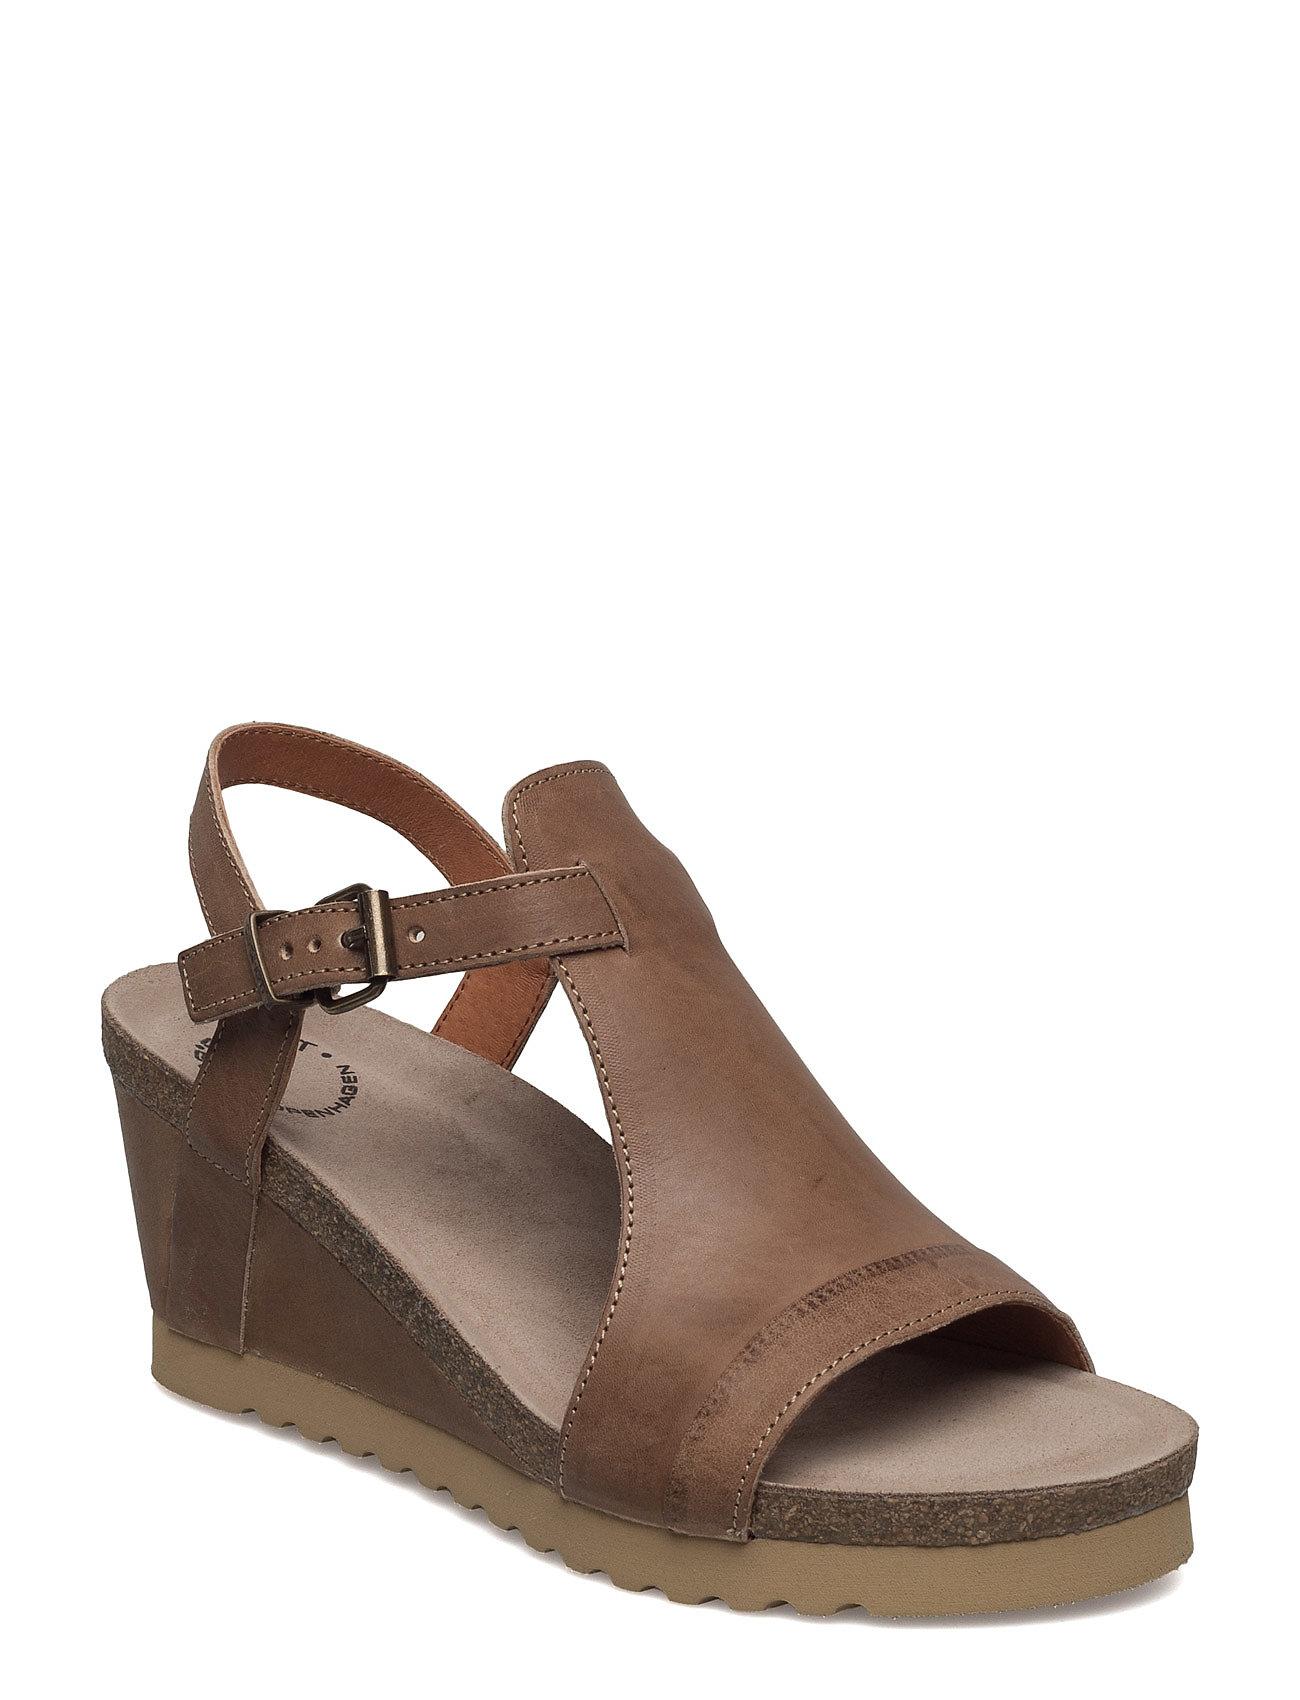 2e766d7a511 Shop Sandal CASHOTT Sko i til Kvinder fra Boozt.dk | Fashionguide.dk